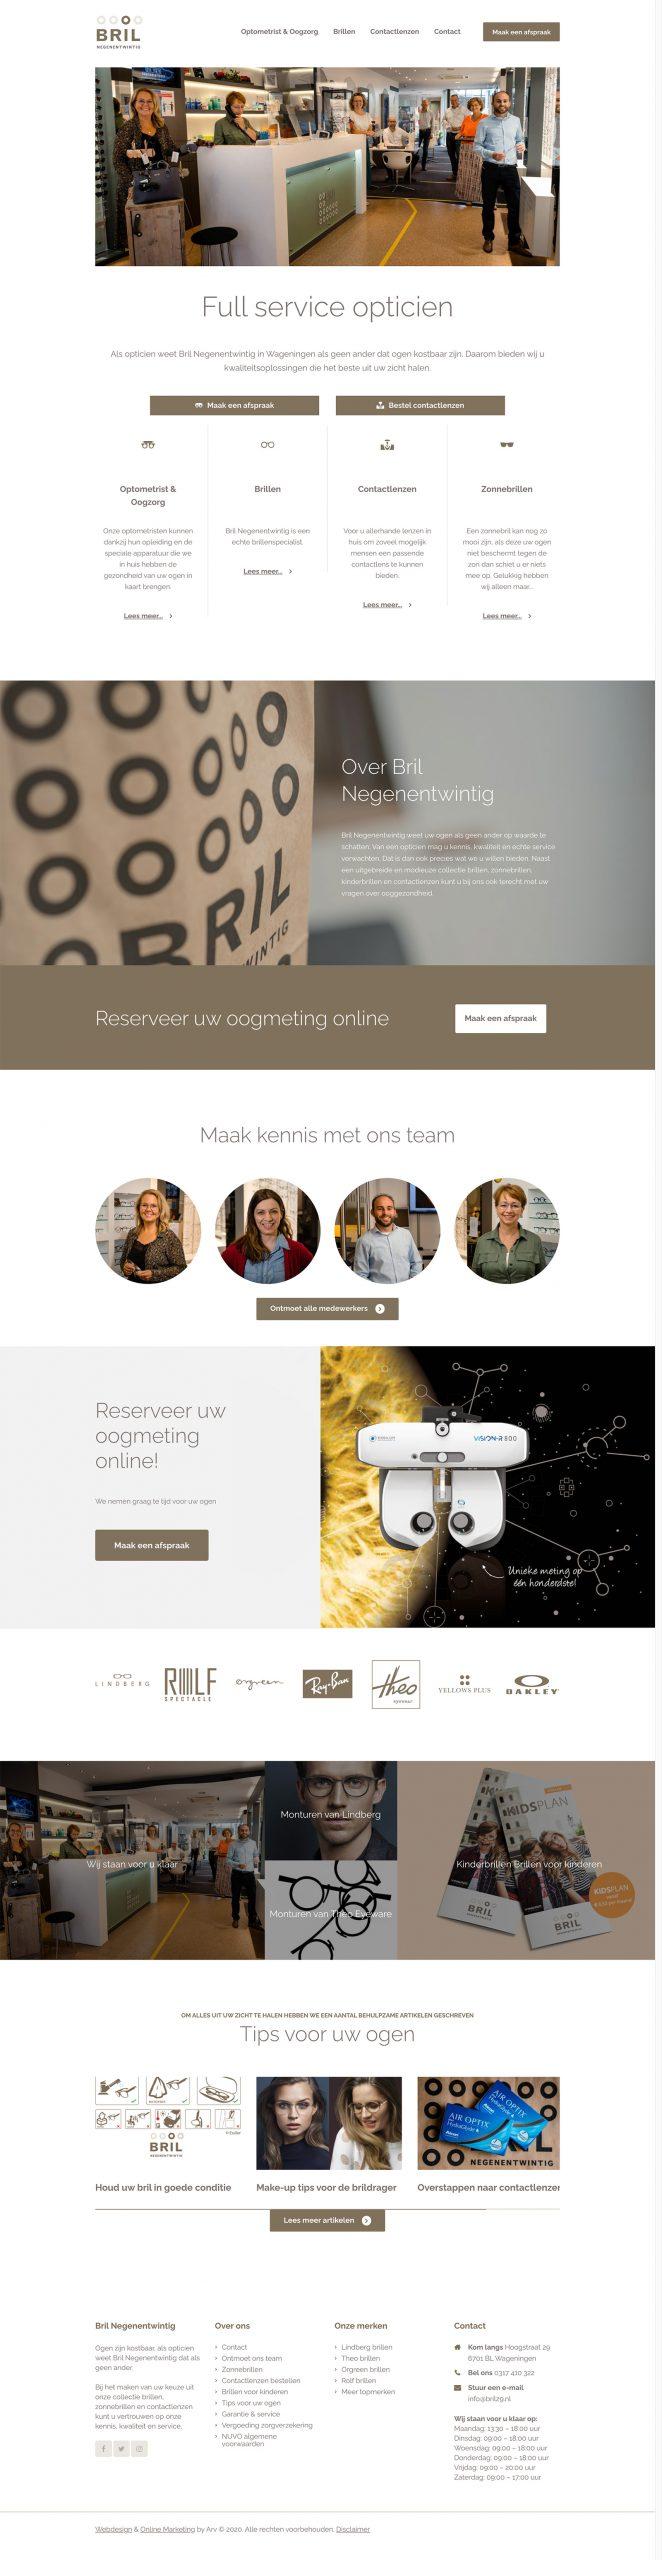 Webdesign Wageningen opticien Bril Negenentwintig